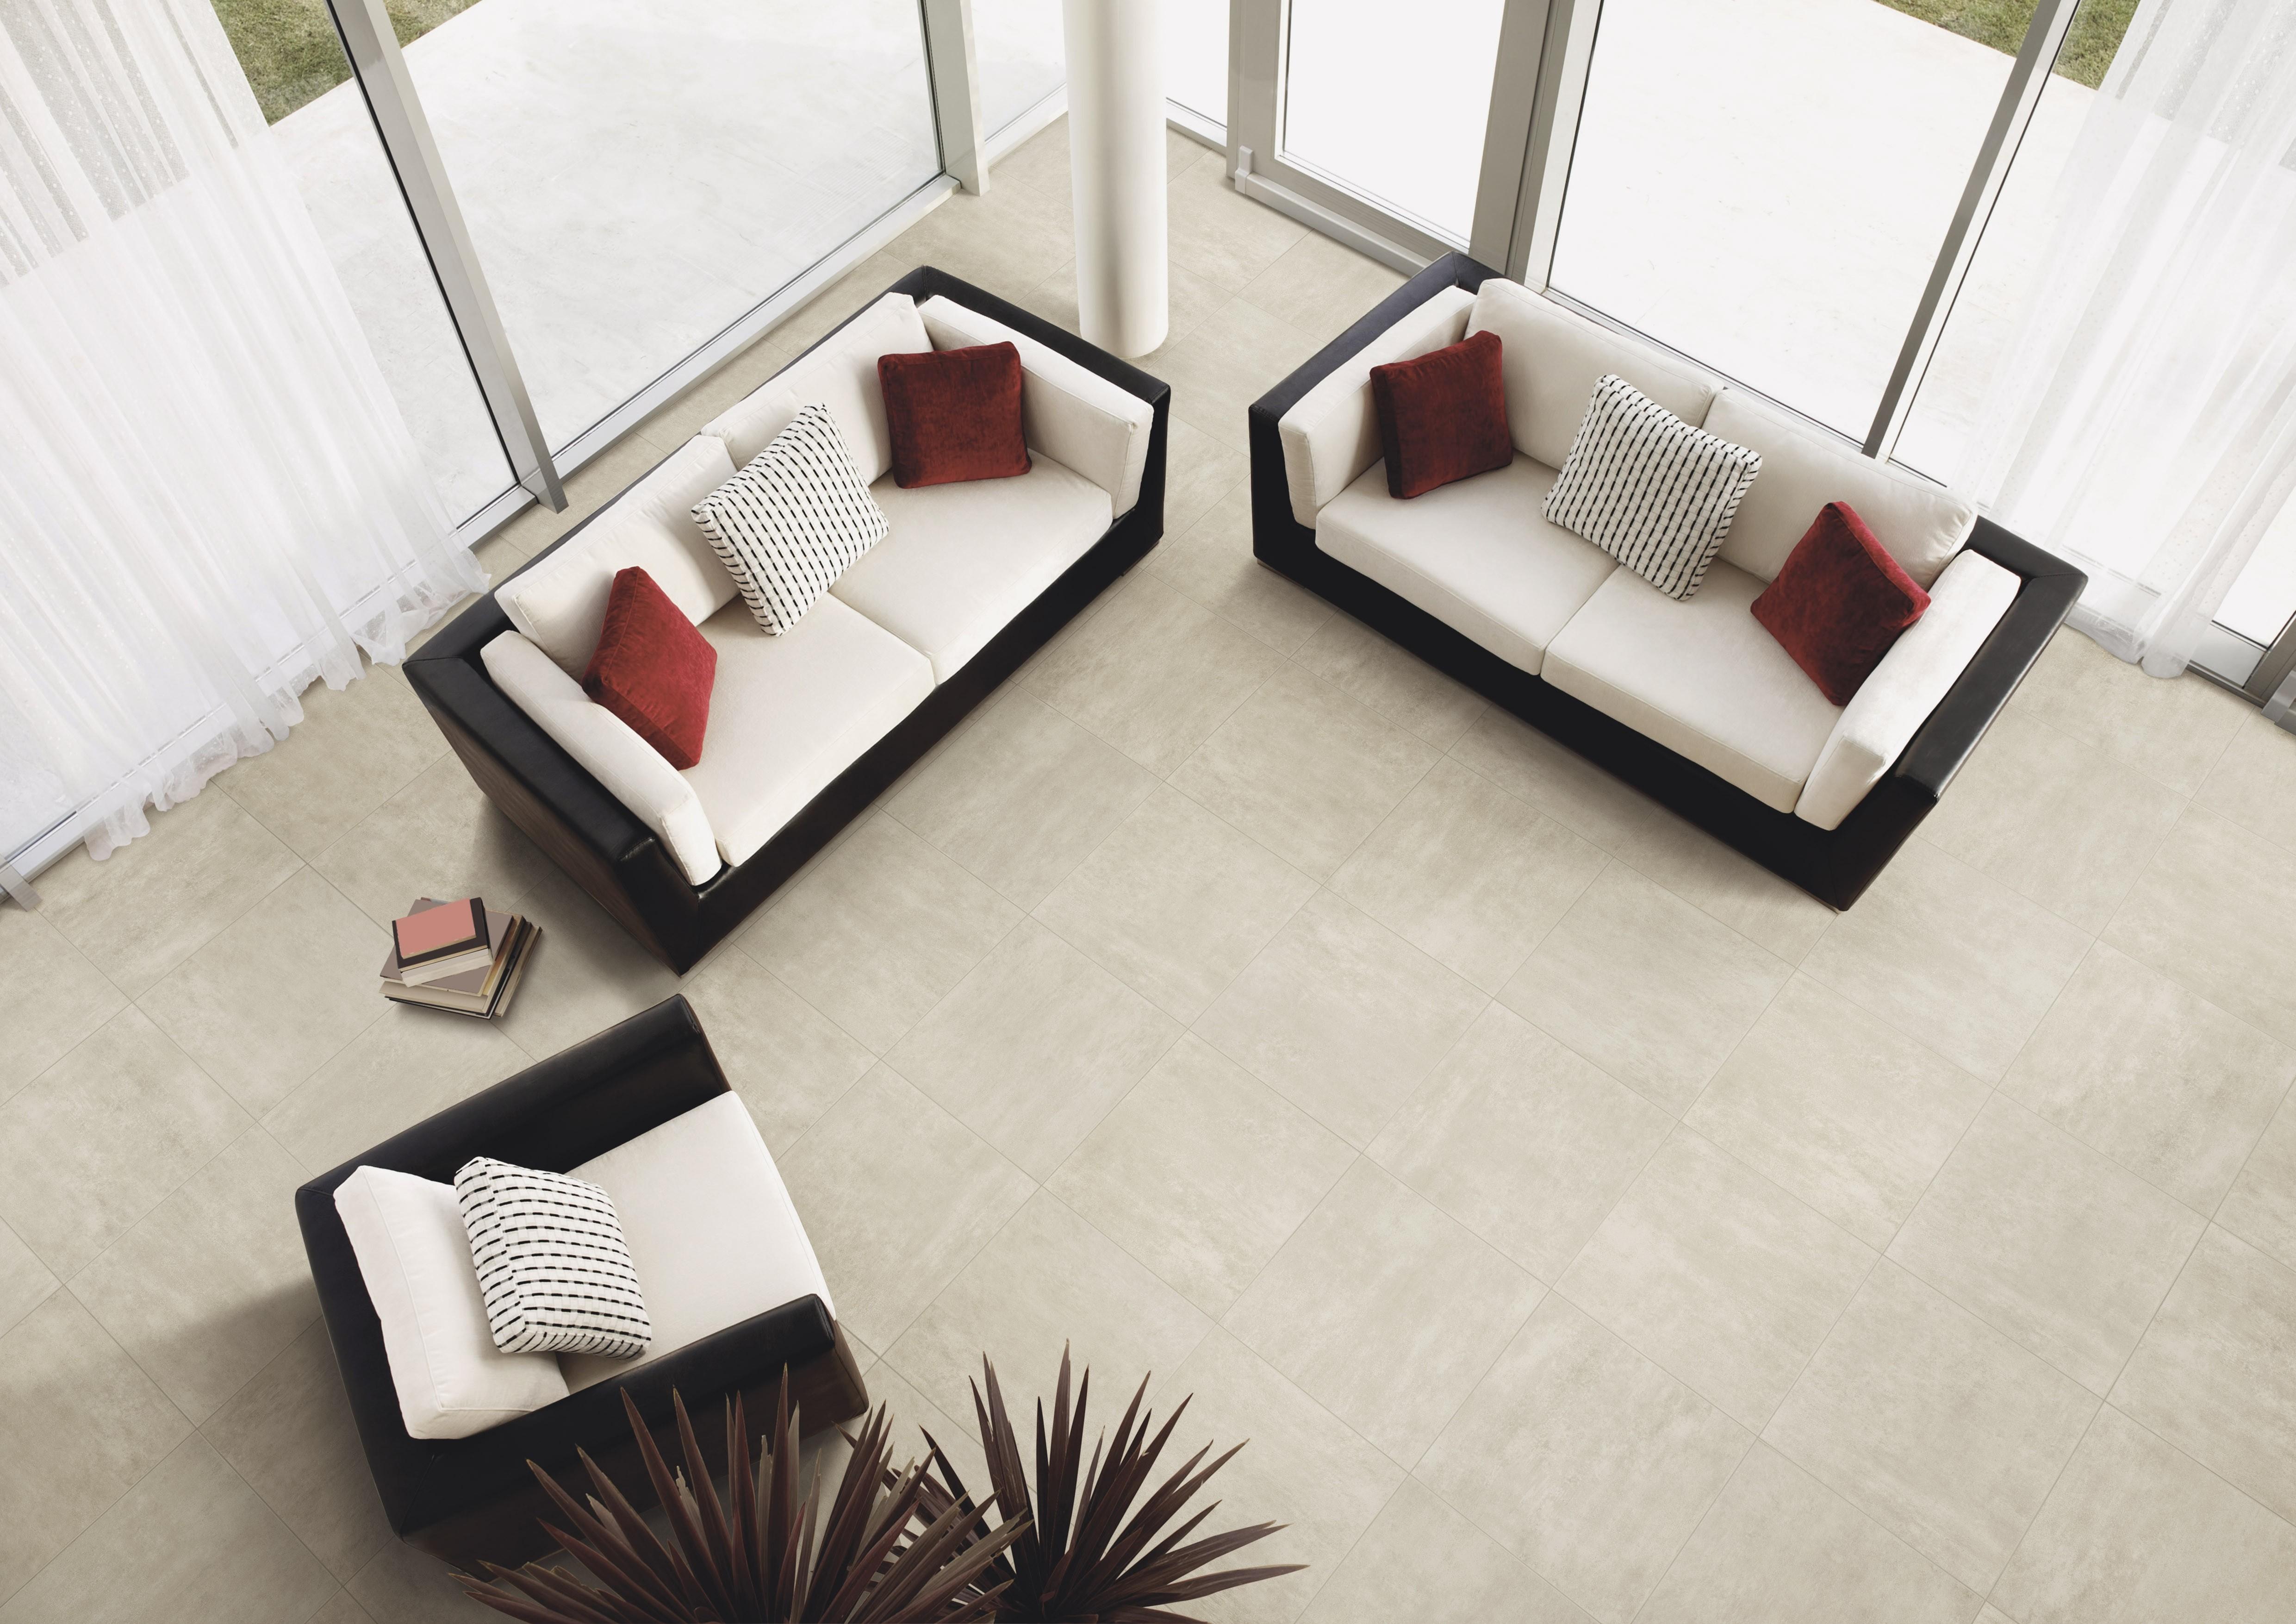 Carrelage intérieur MIA 60x60 - PROGETTO BAUCER